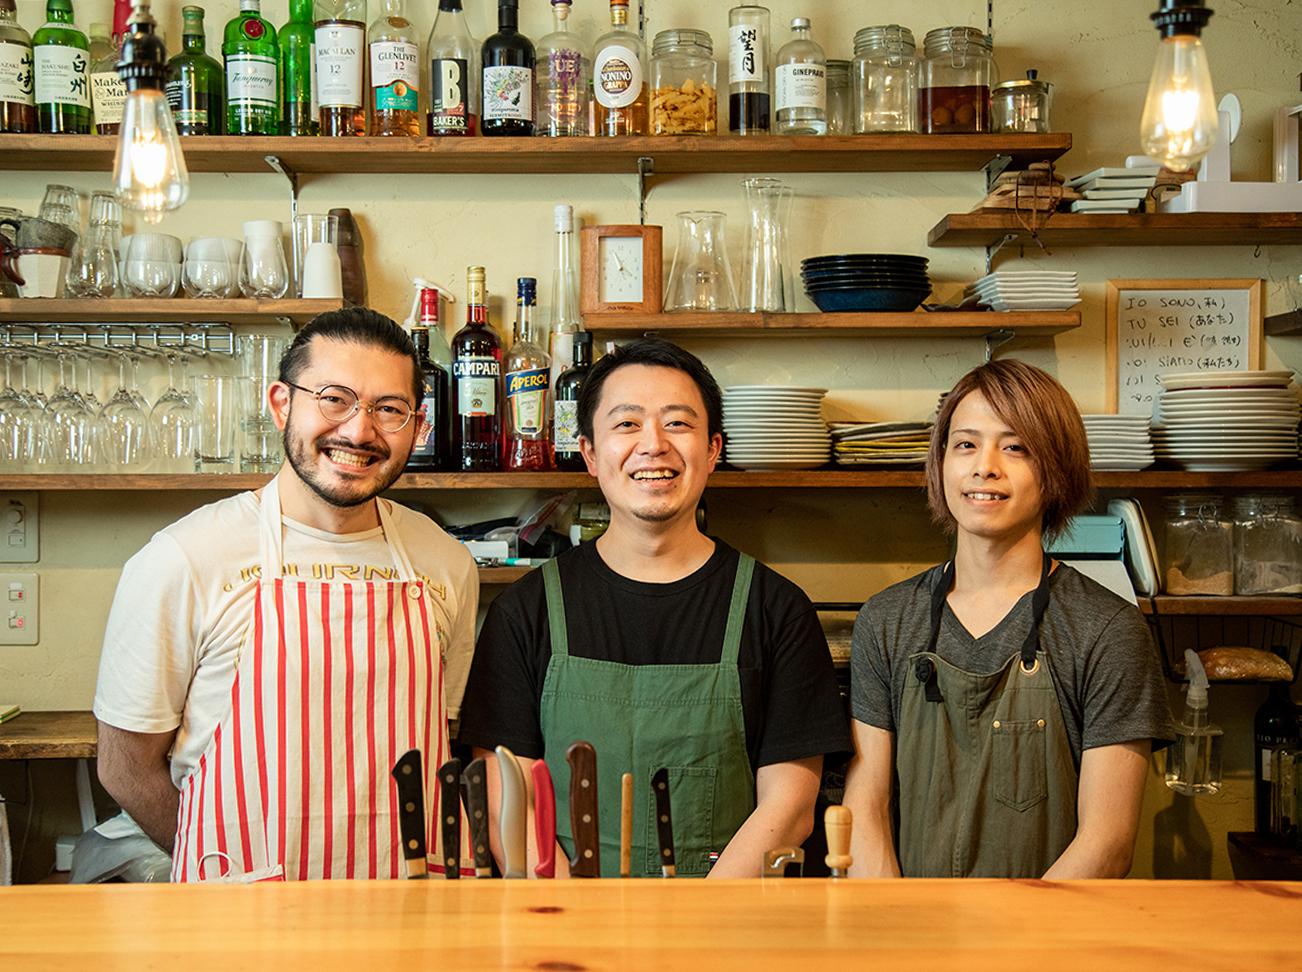 左から内藤さん、千葉さん、蛭田さん。「蛭田さんが自由な感覚で作ってくれる料理が僕にとっては刺激。内藤さんは絵が得意で、イベントのフライヤーのデザインなどをやってくれています」と千葉さん